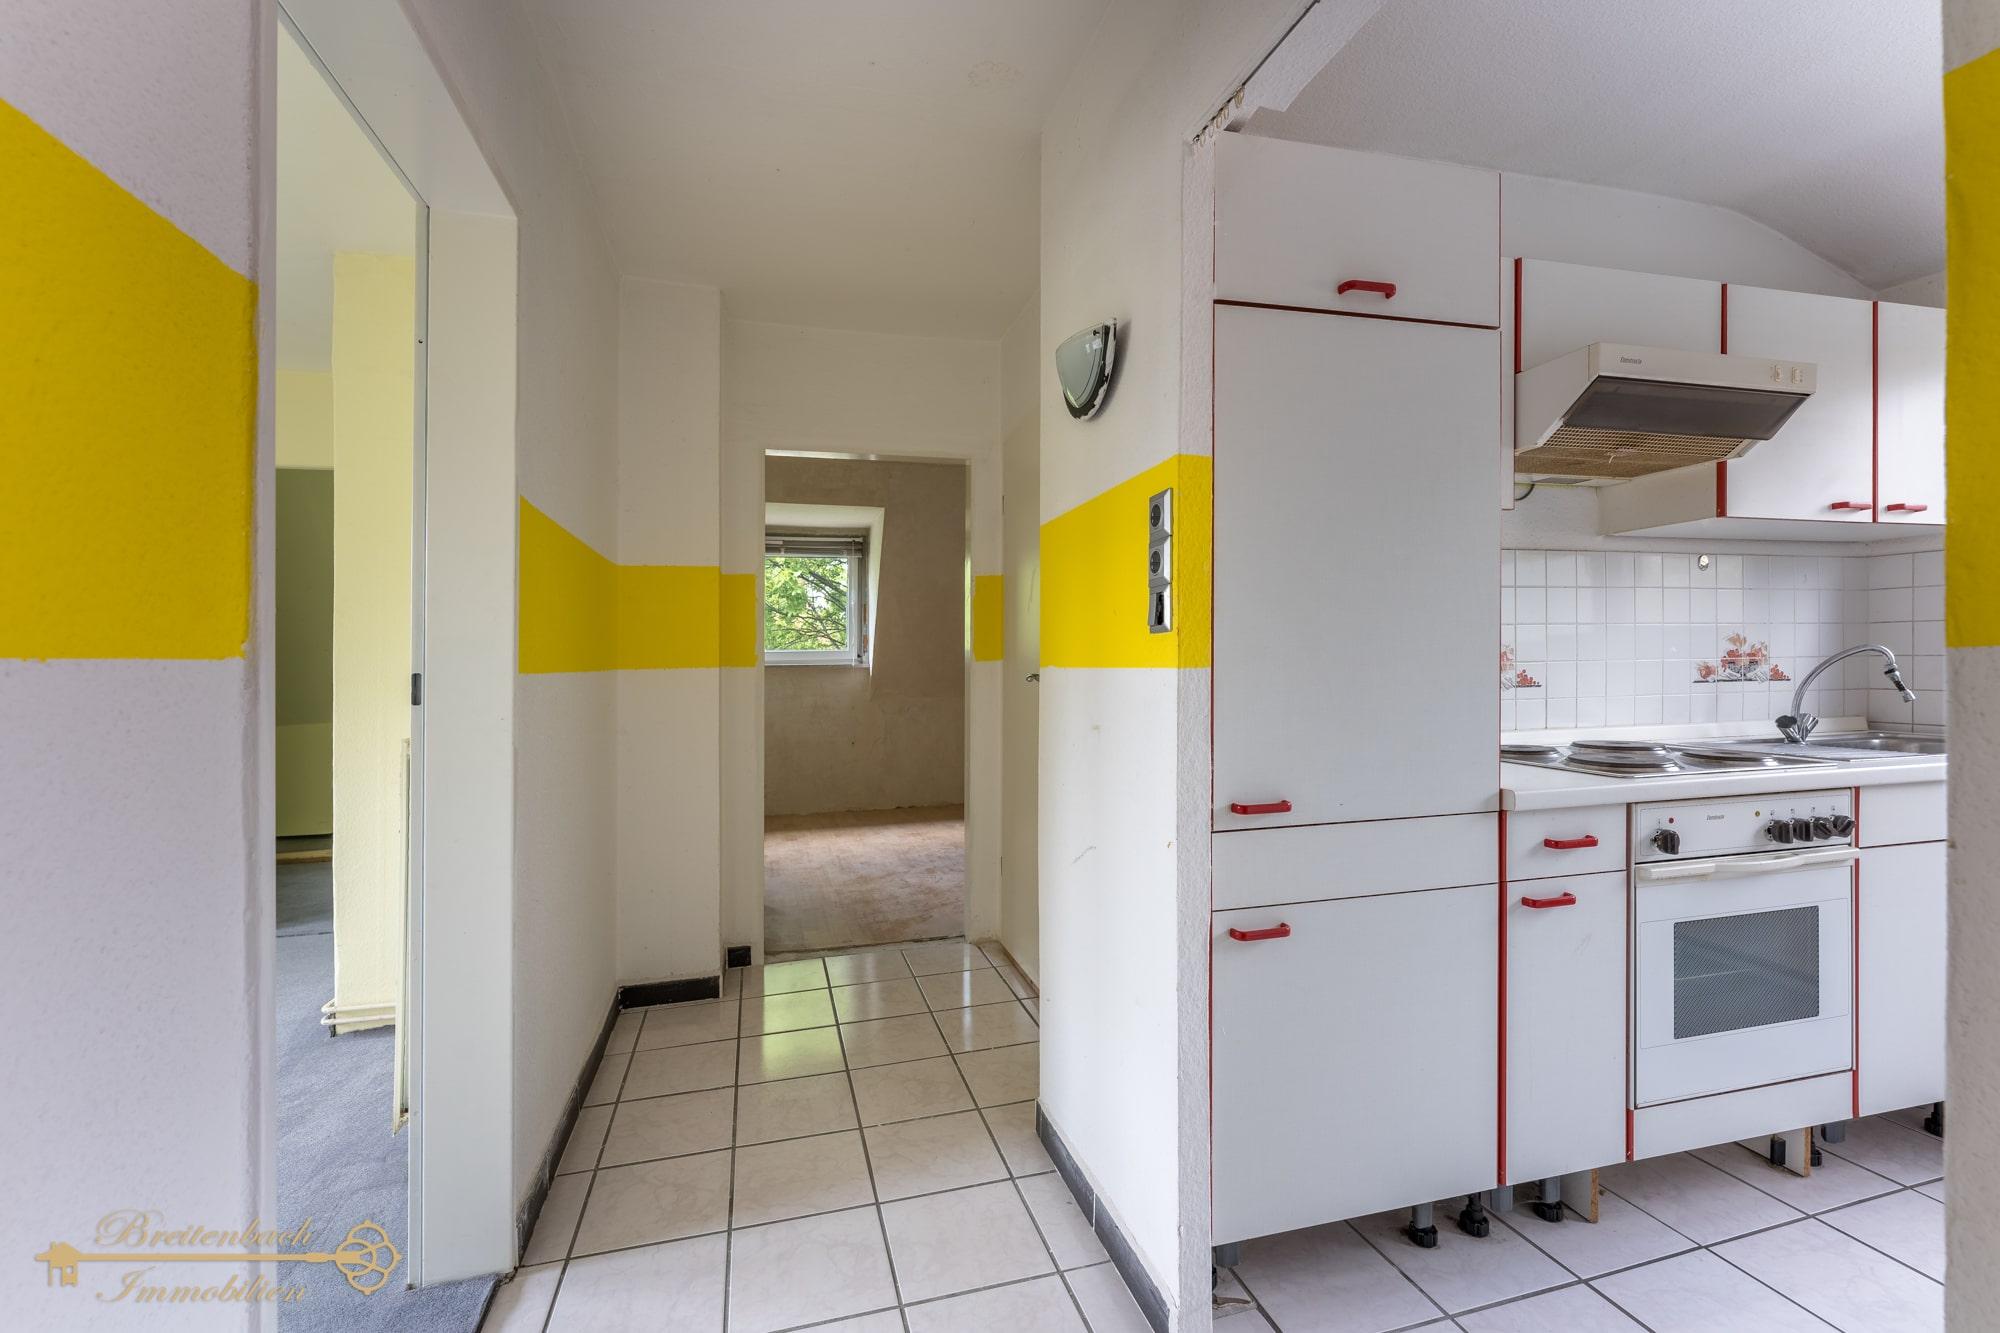 2021-05-29-Breitenbach-Immobilien-Makler-Bremen-8-min